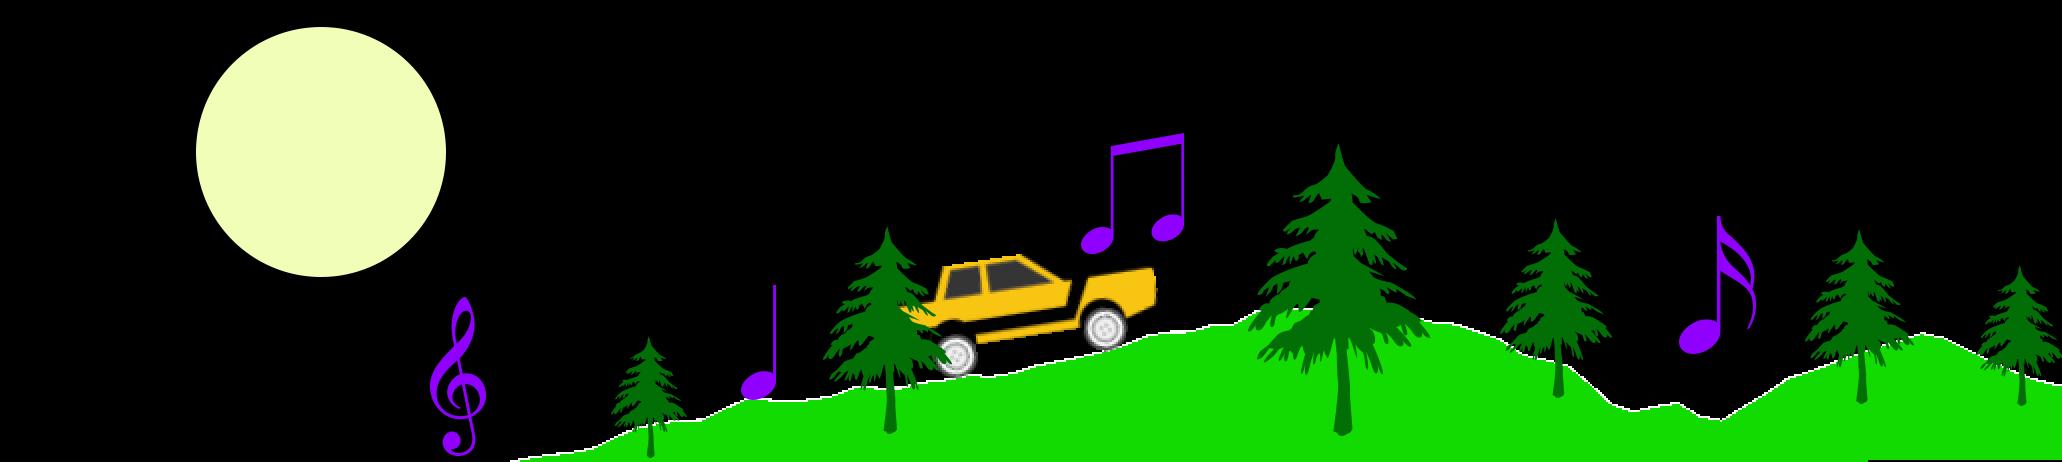 Генерация окружения на основе звука и музыки в Unity3D. Часть 2. Создание 2D трассы из музыки - 1